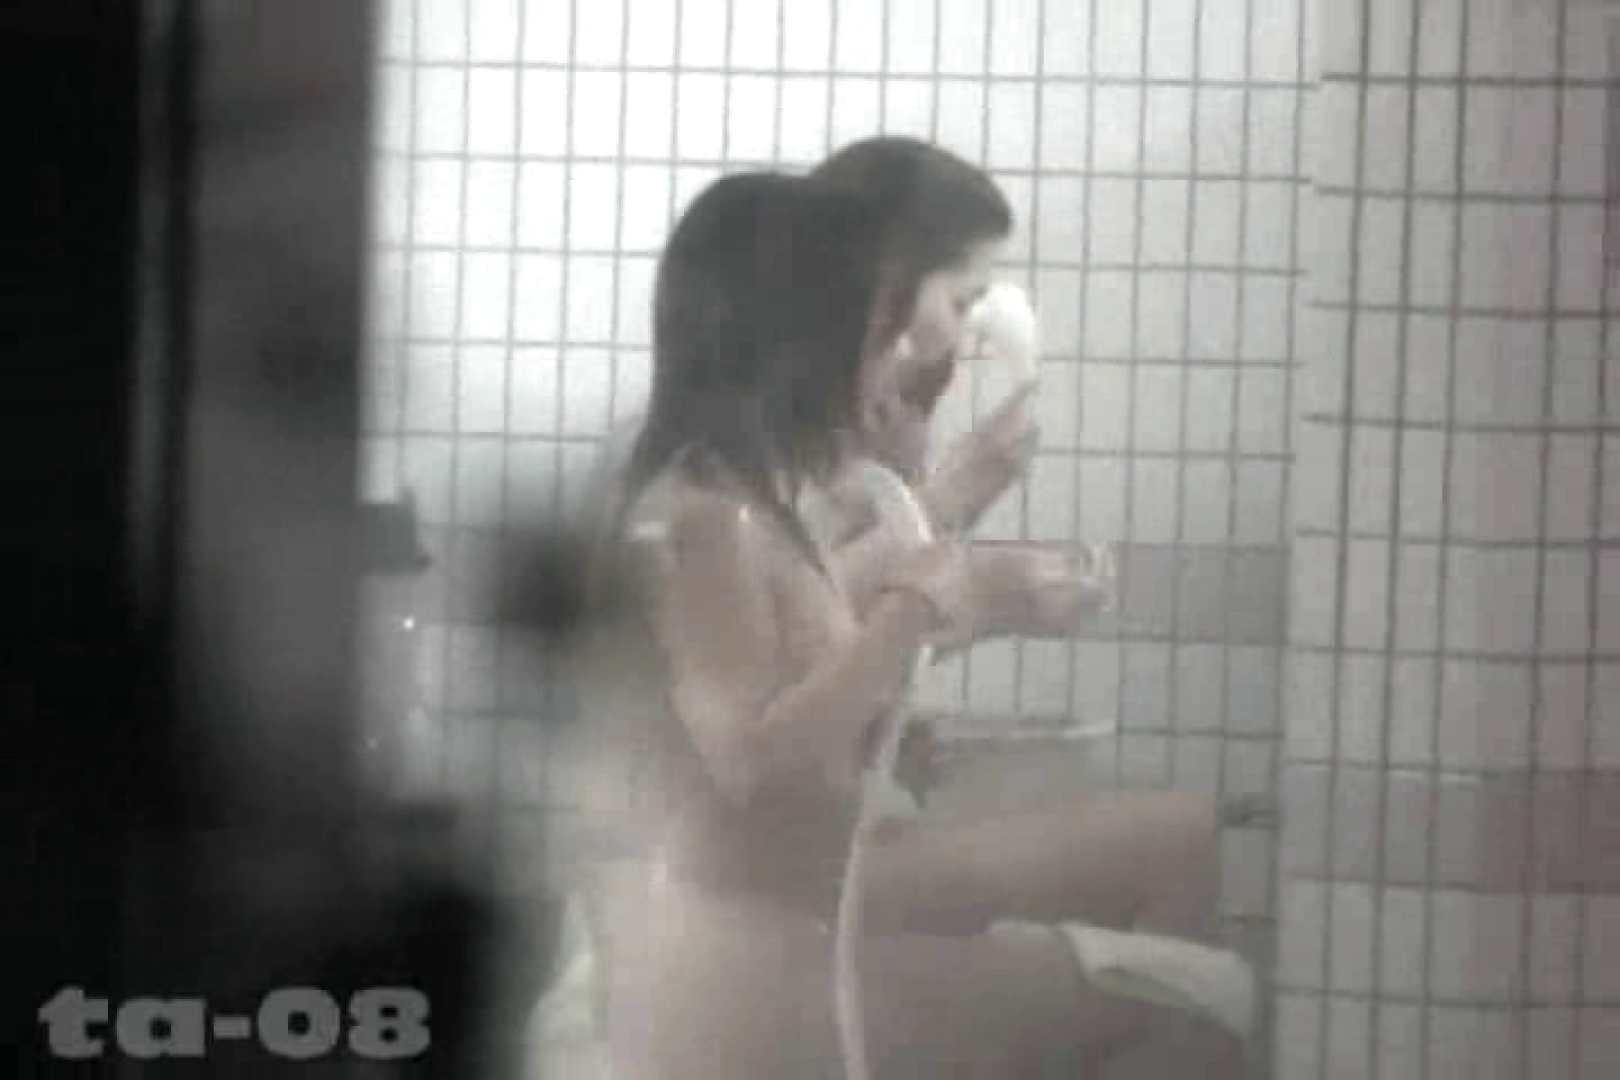 合宿ホテル女風呂盗撮高画質版 Vol.08 ホテルで絶頂 おまんこ動画流出 90画像 87